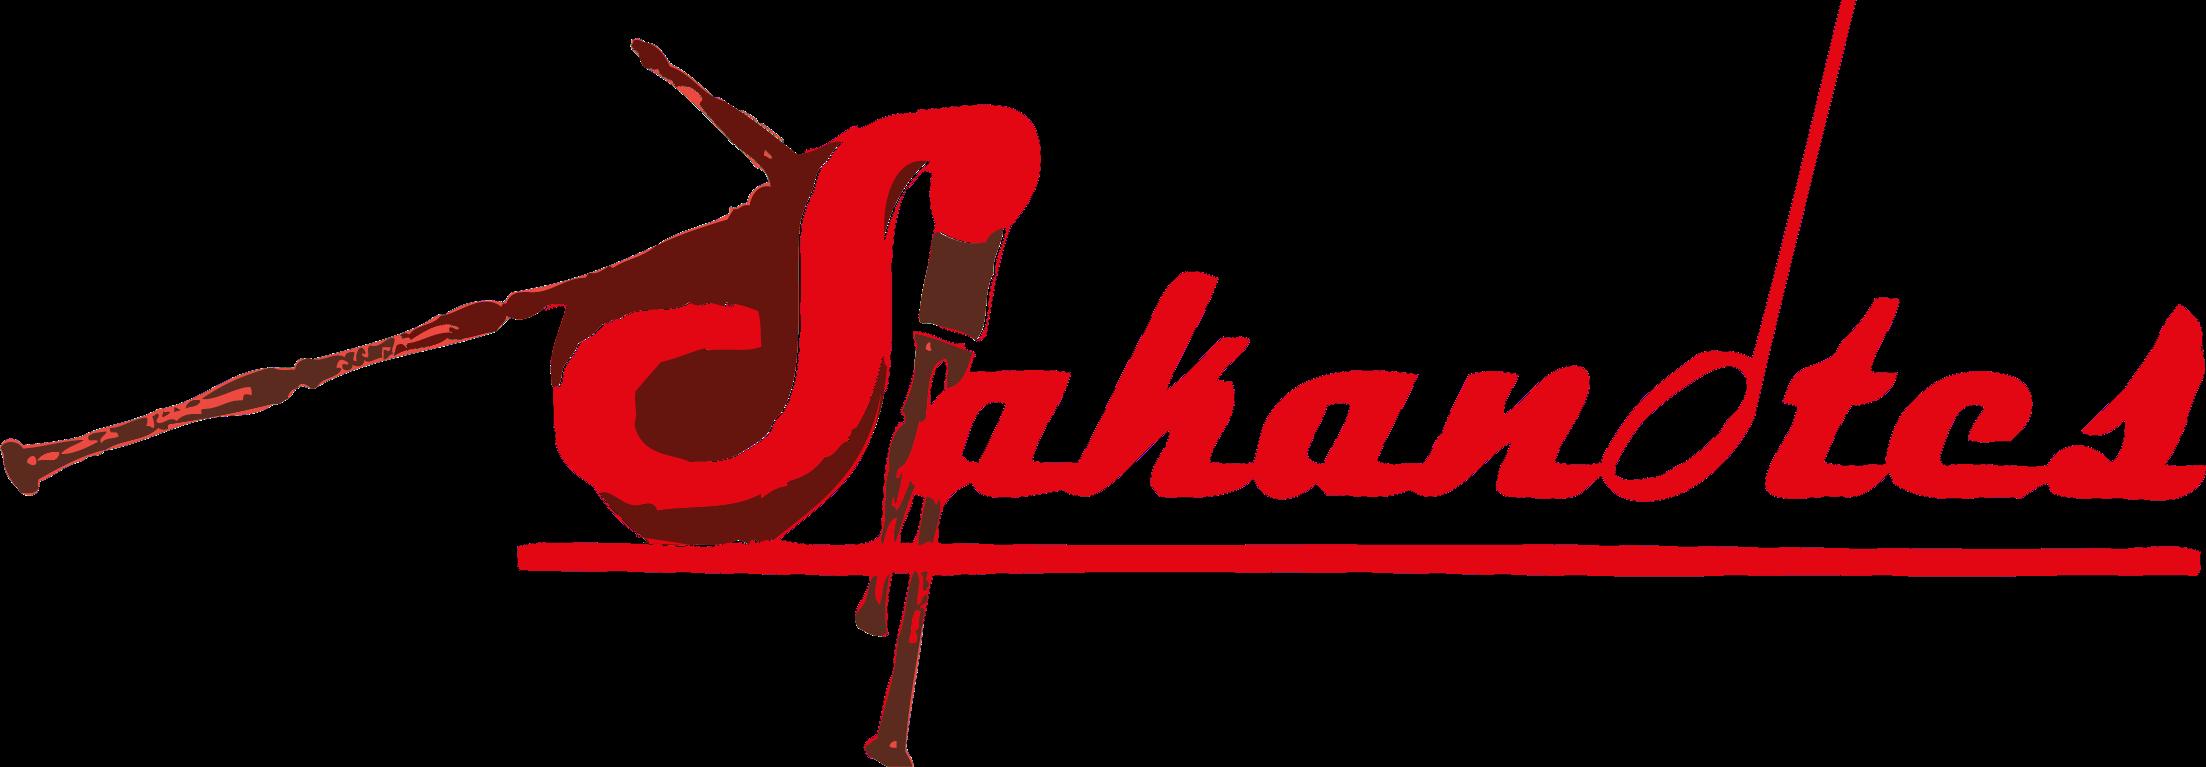 logo-sakanotes.png